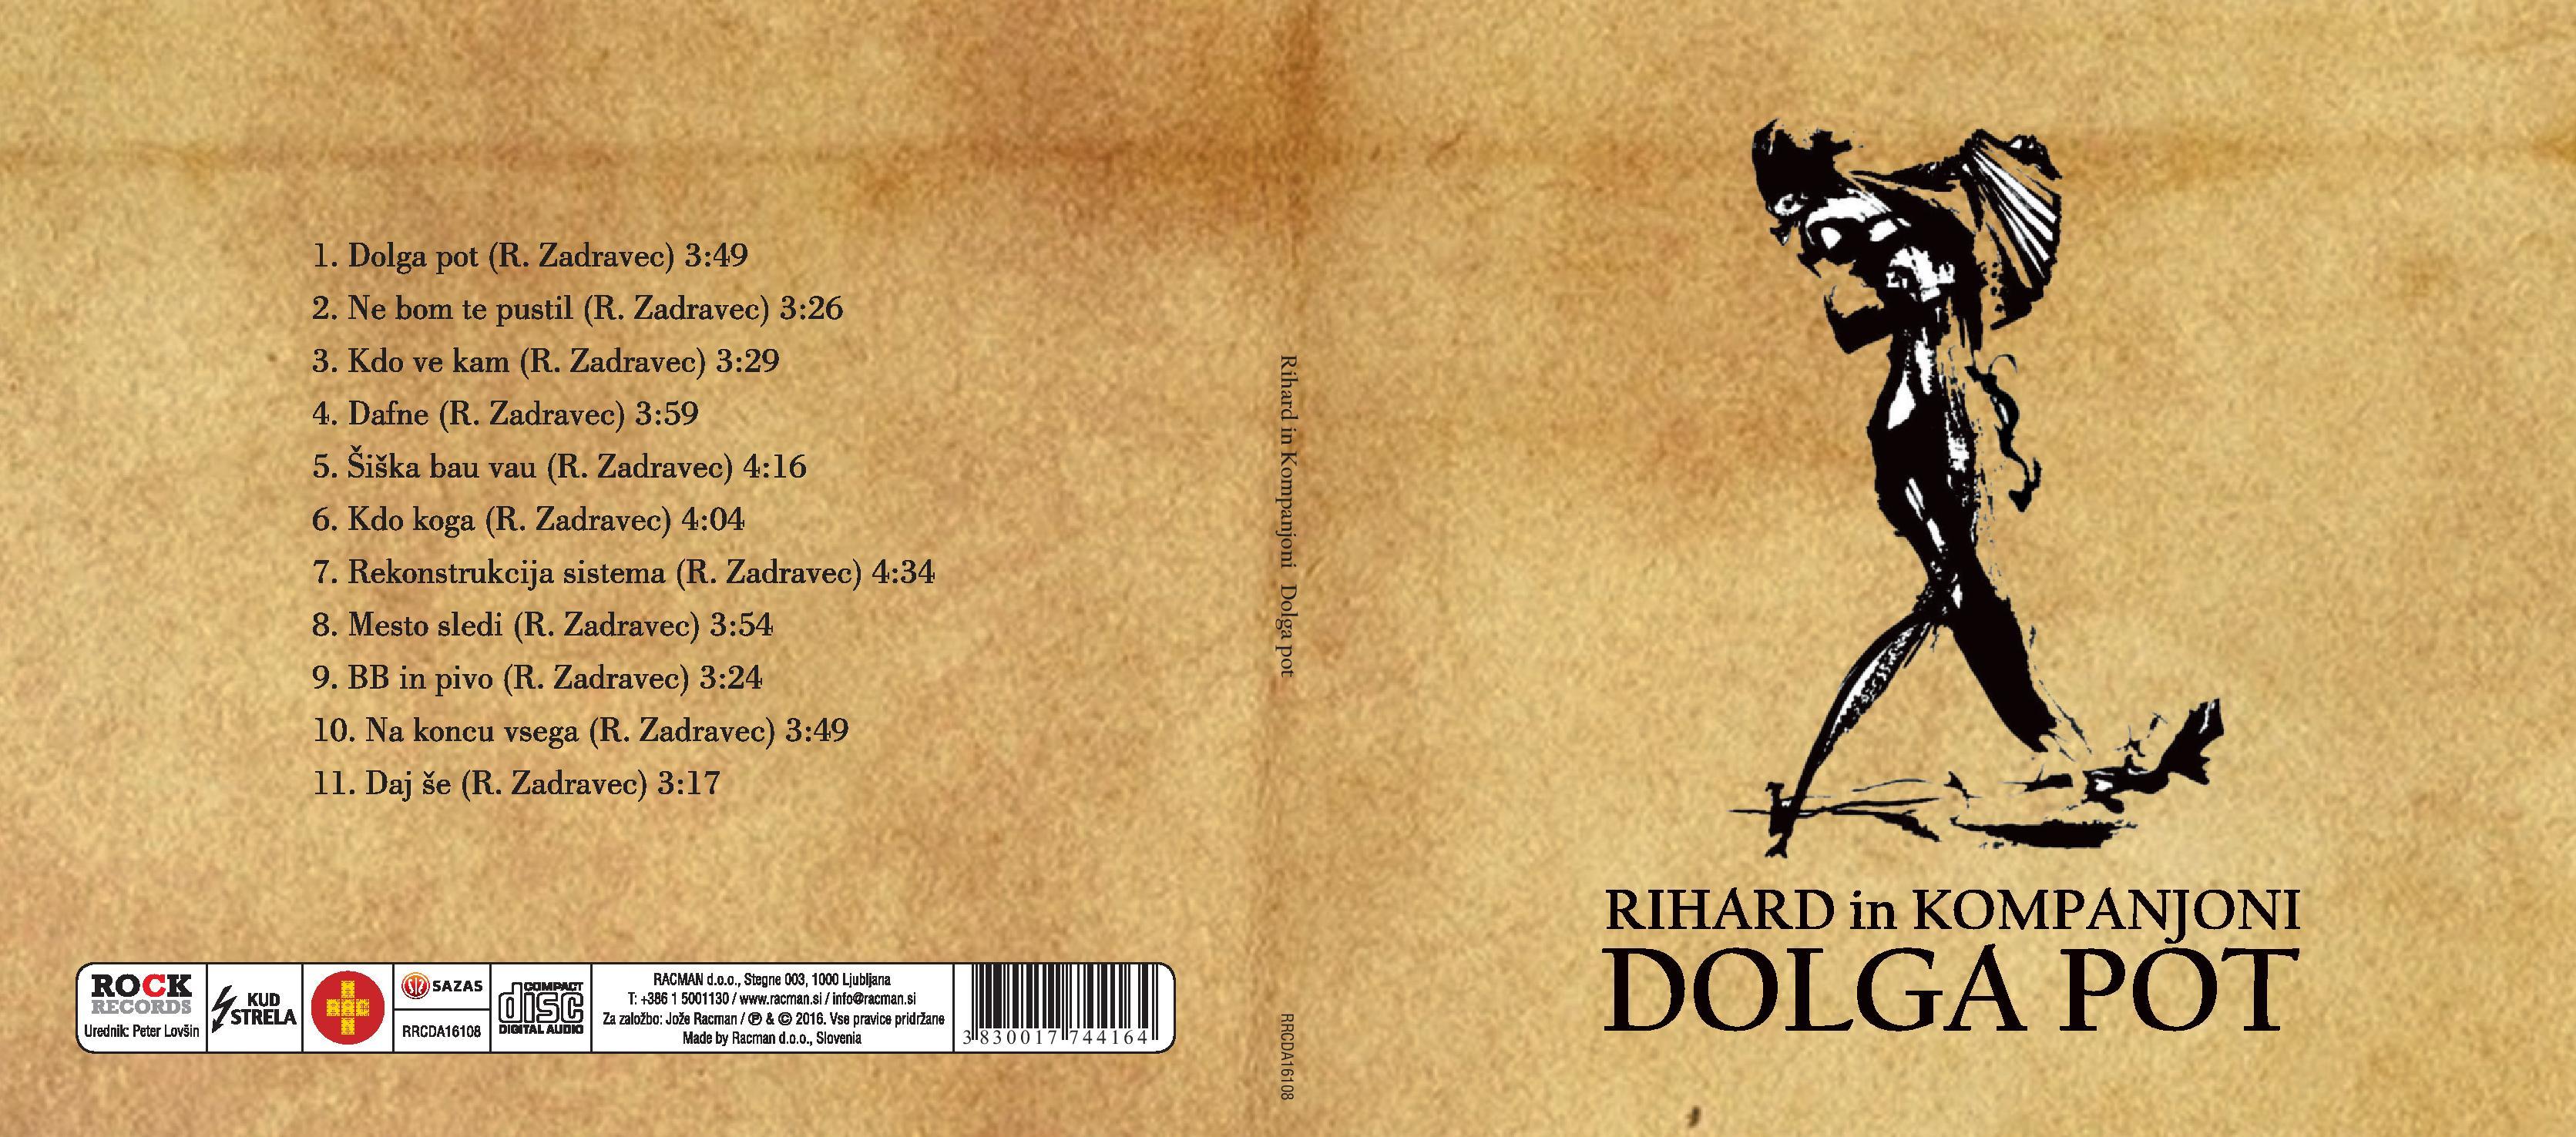 Rihard harmonikar - instrumentalist - avtor album dolga pot